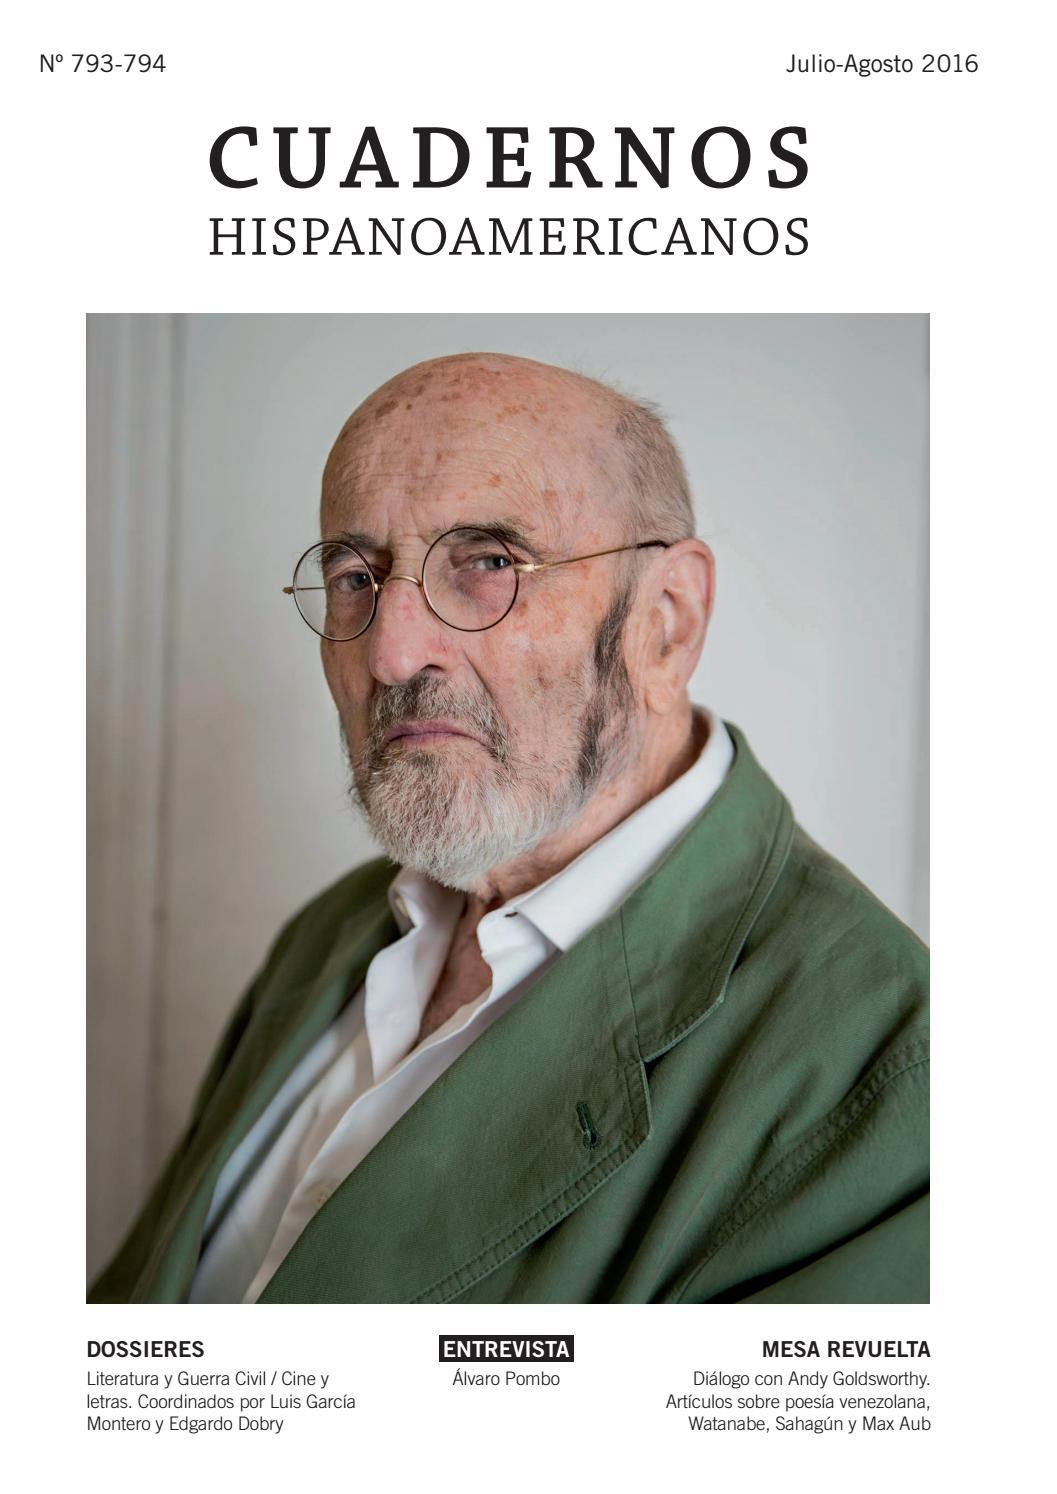 Cuadernos Hispanoamericanos (Julio y agosto de 2016) by AECID ...